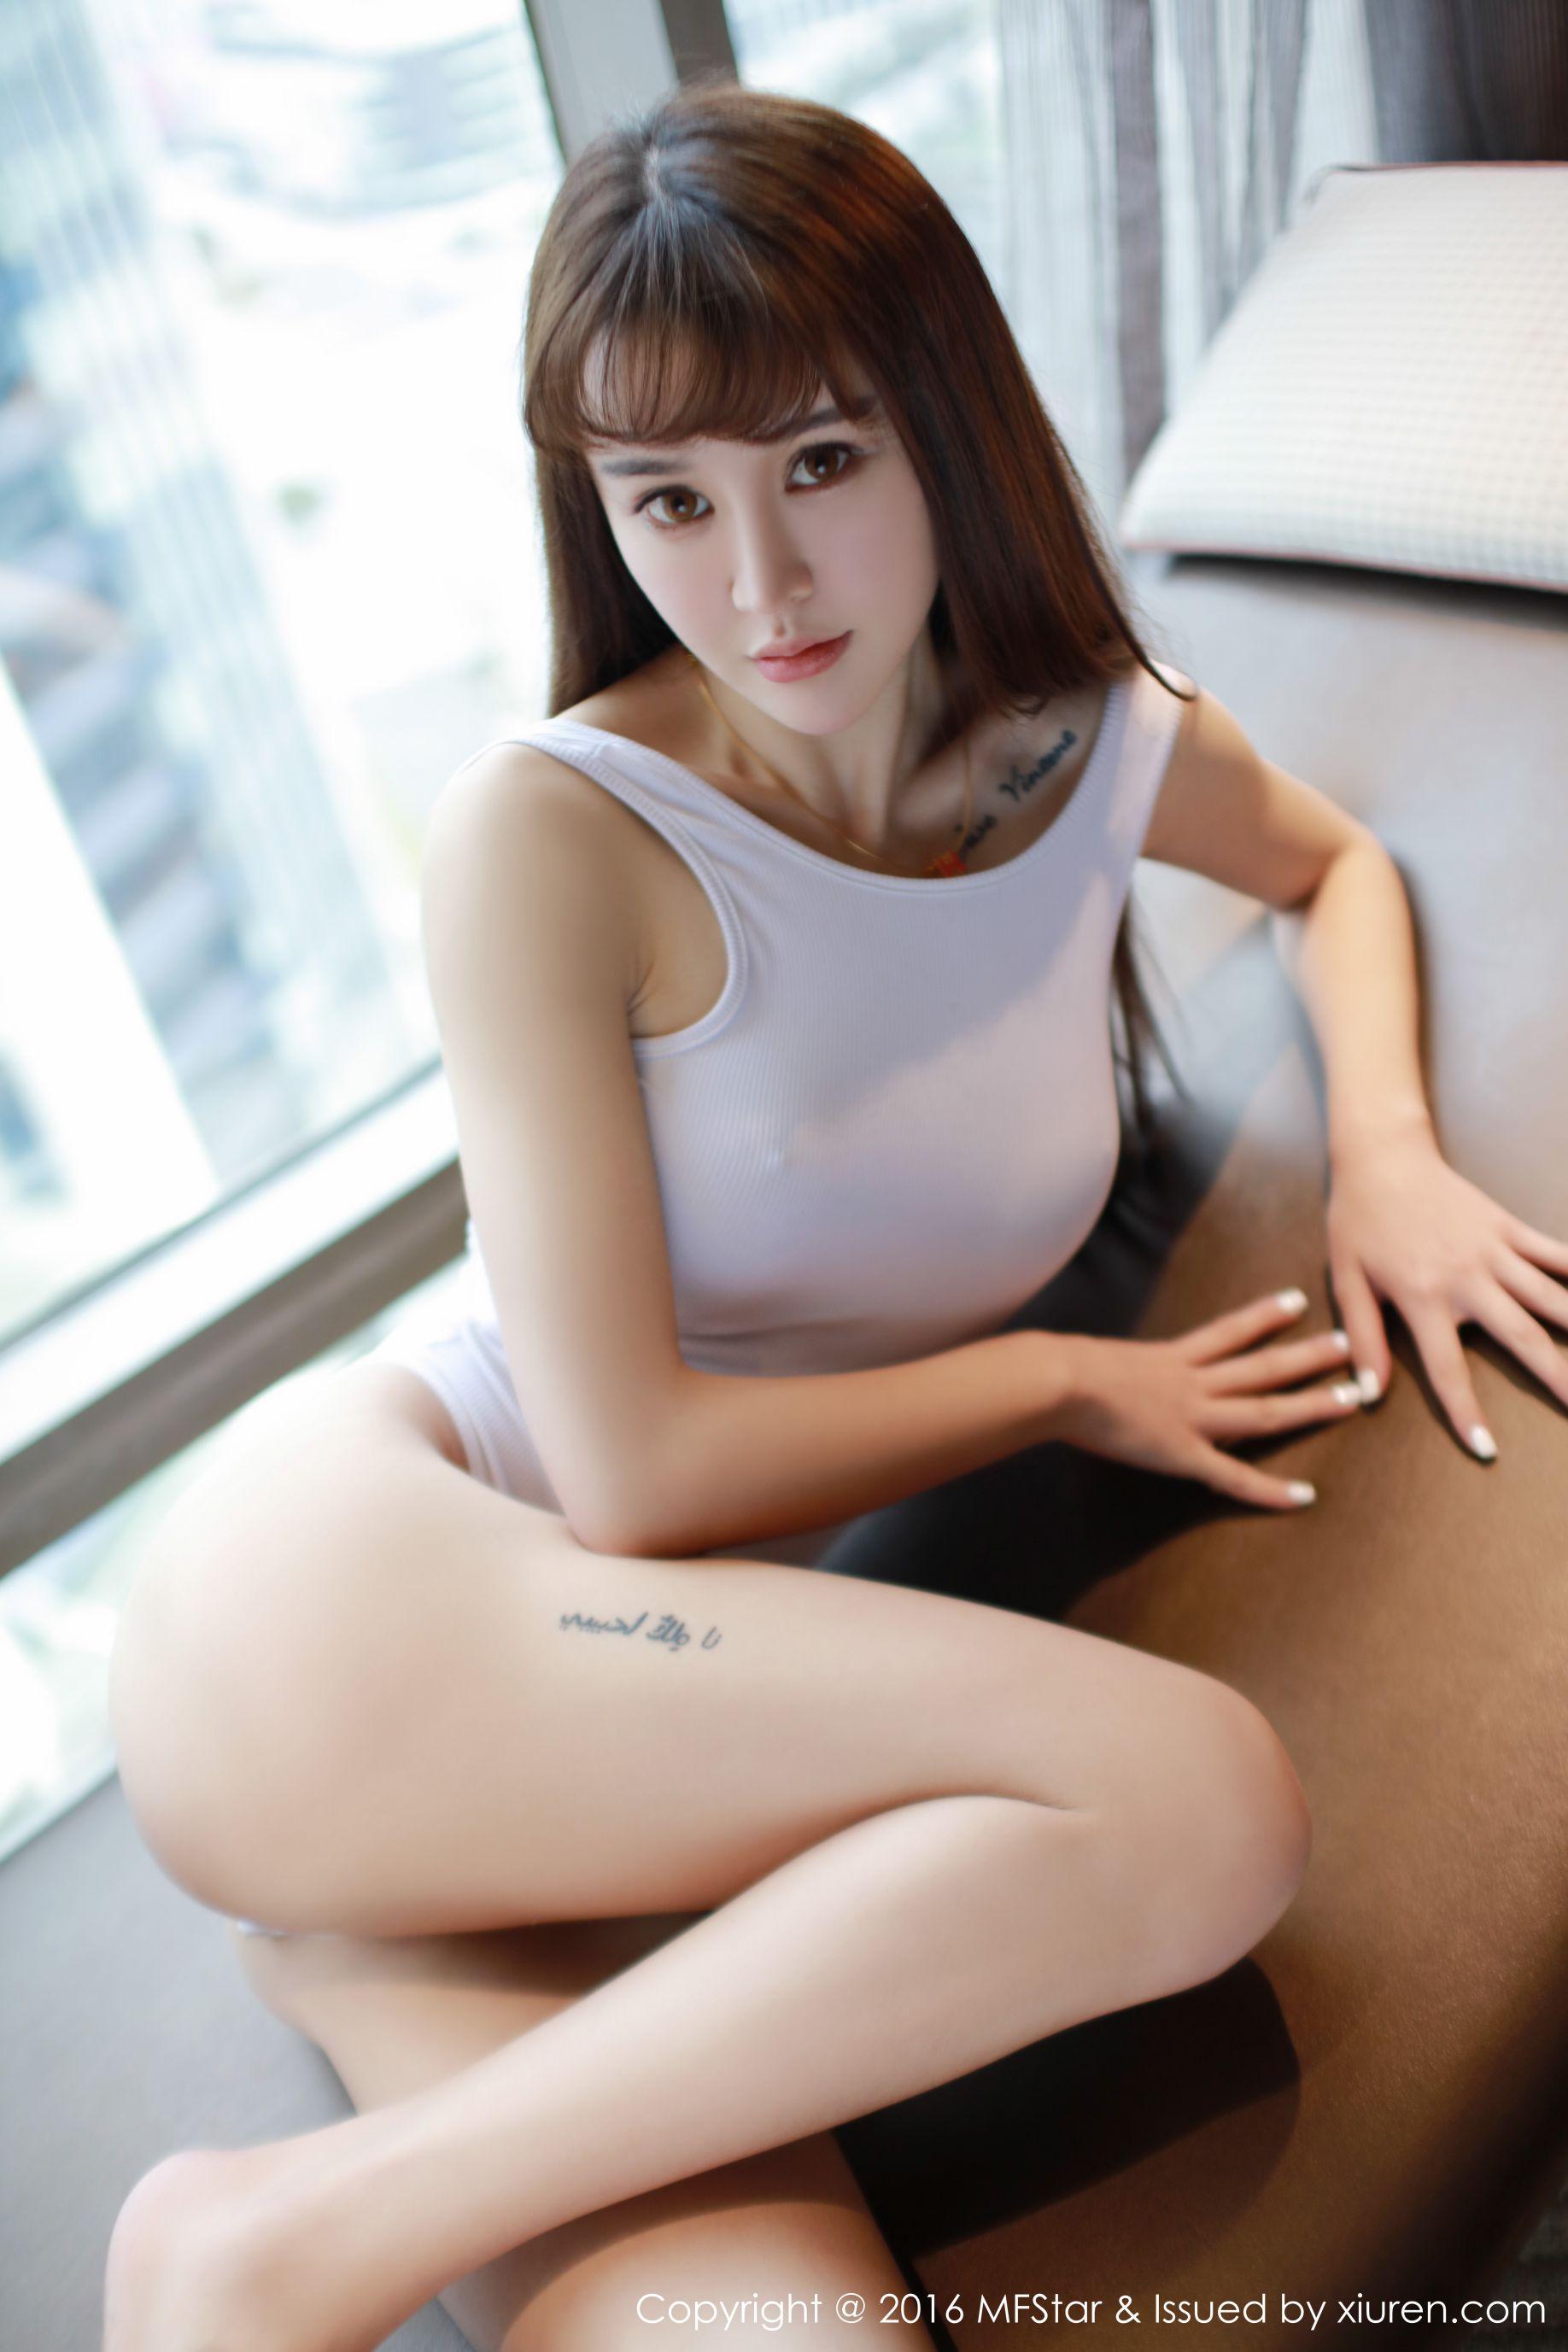 [推女神] Cheryl青树 死库水+性感针织衫 高清写真套图